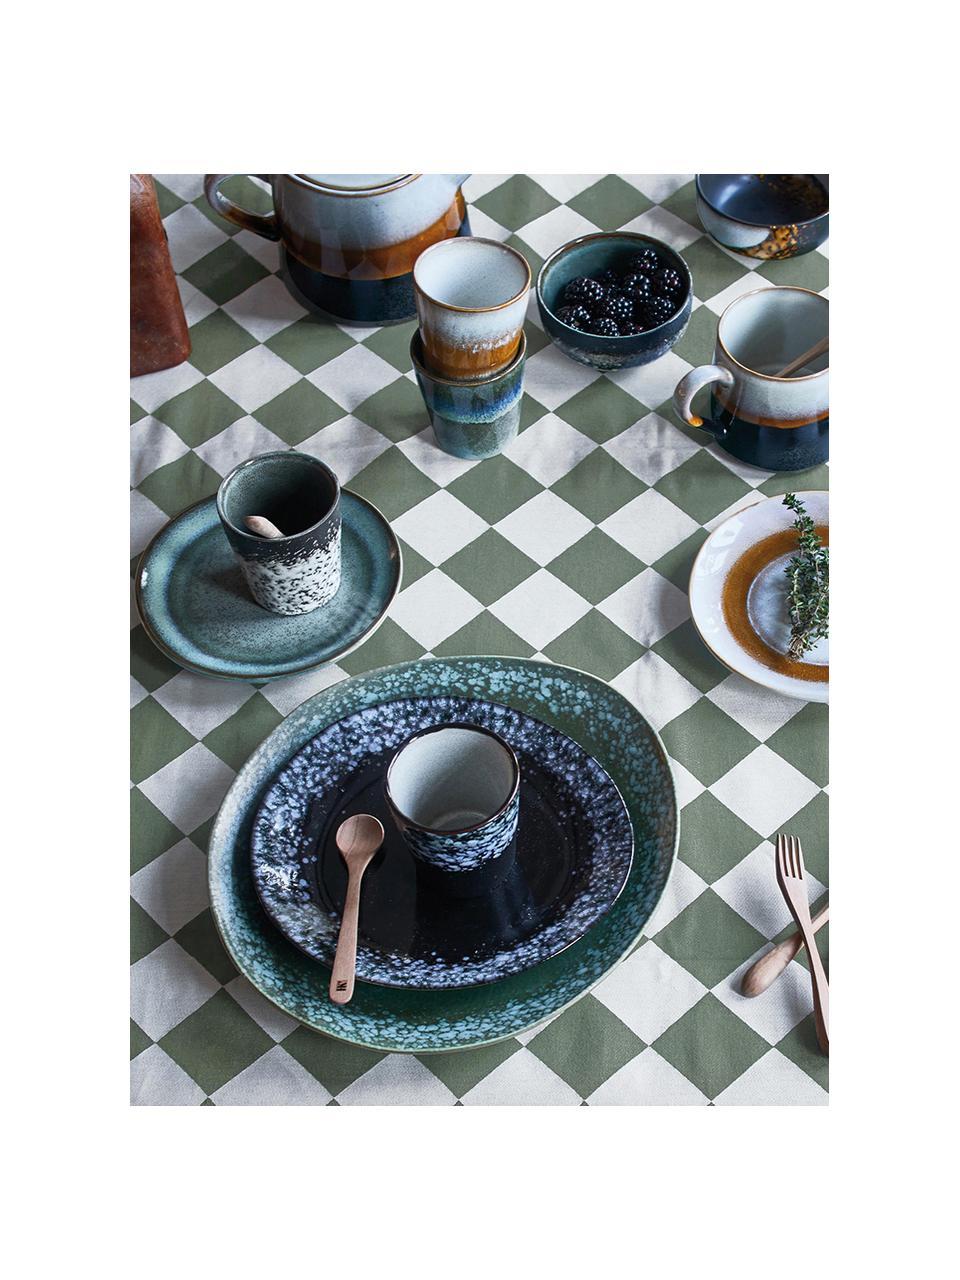 Handgemaakte taartborden 70's in retro stijl, 2 stuks, Keramiek, Blauwtinten, groentinten, Ø 18 cm